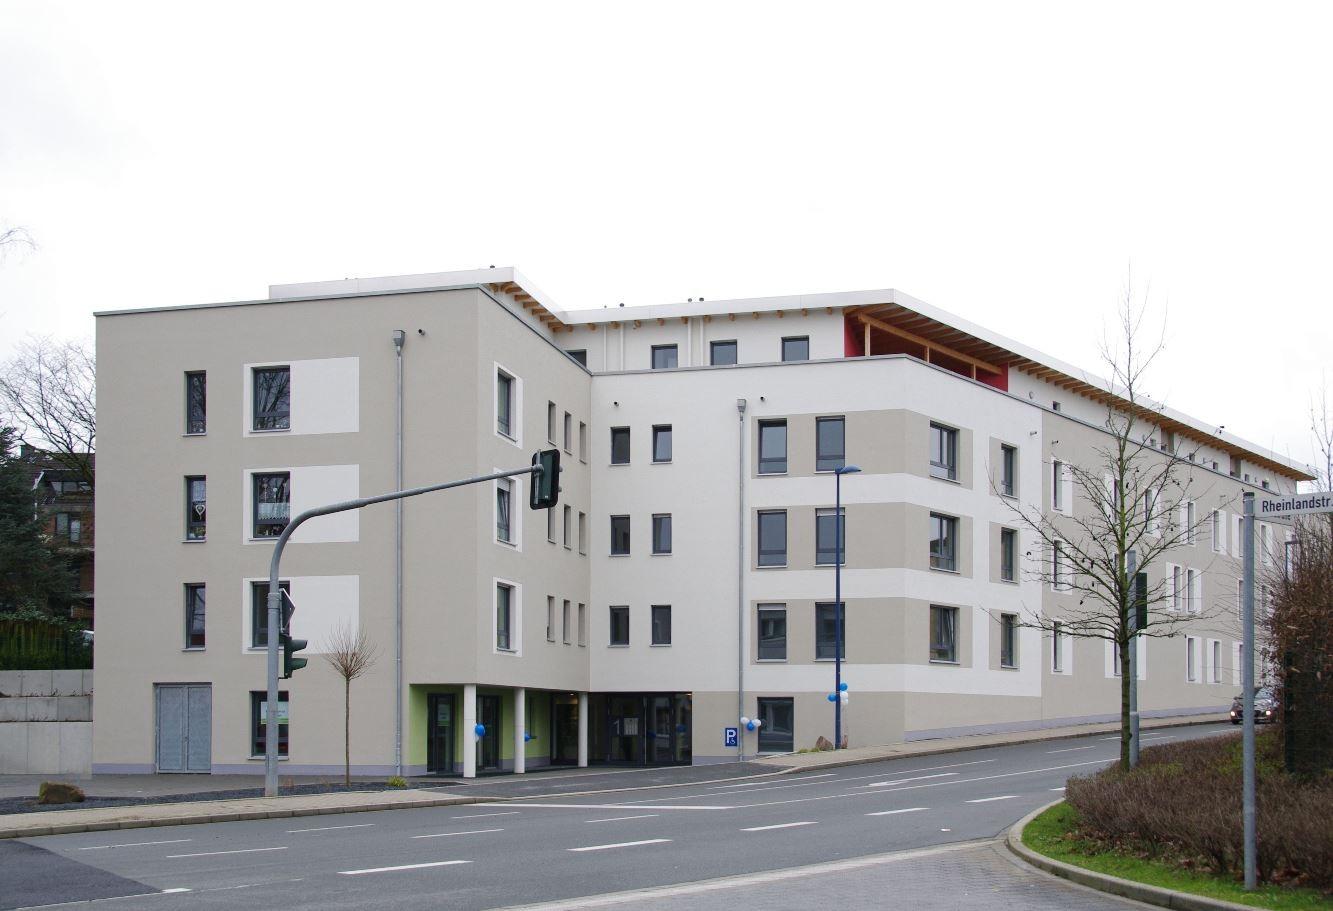 Seniorenresidenz Heiligenhaus